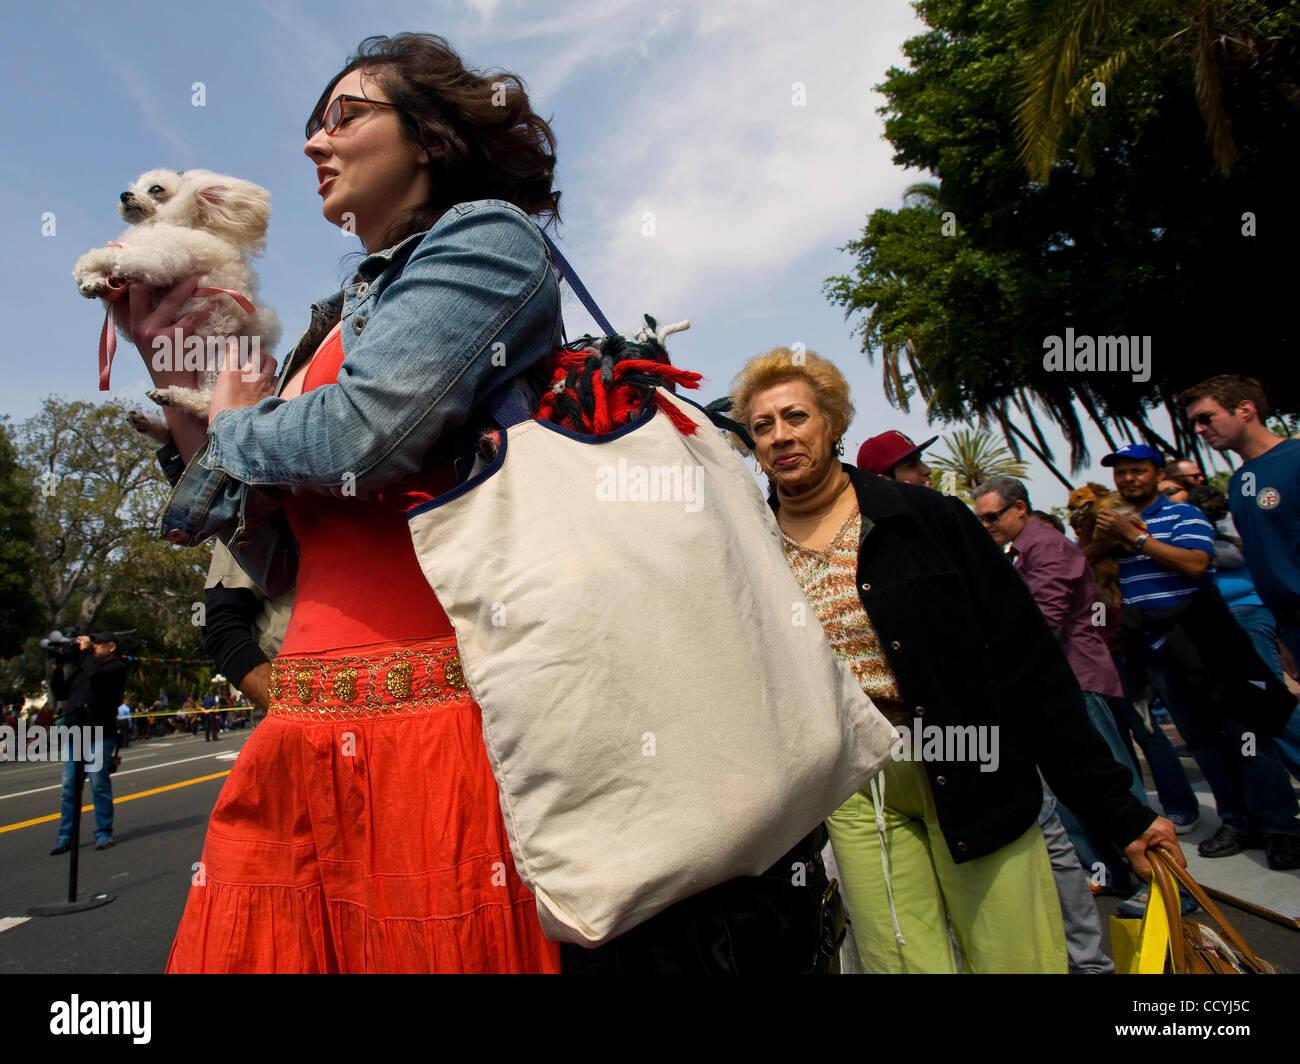 3 avril 2010 - Los Angeles, Californie, USA - les animaux et leurs propriétaires font leur chemin à l'avant Photo Stock